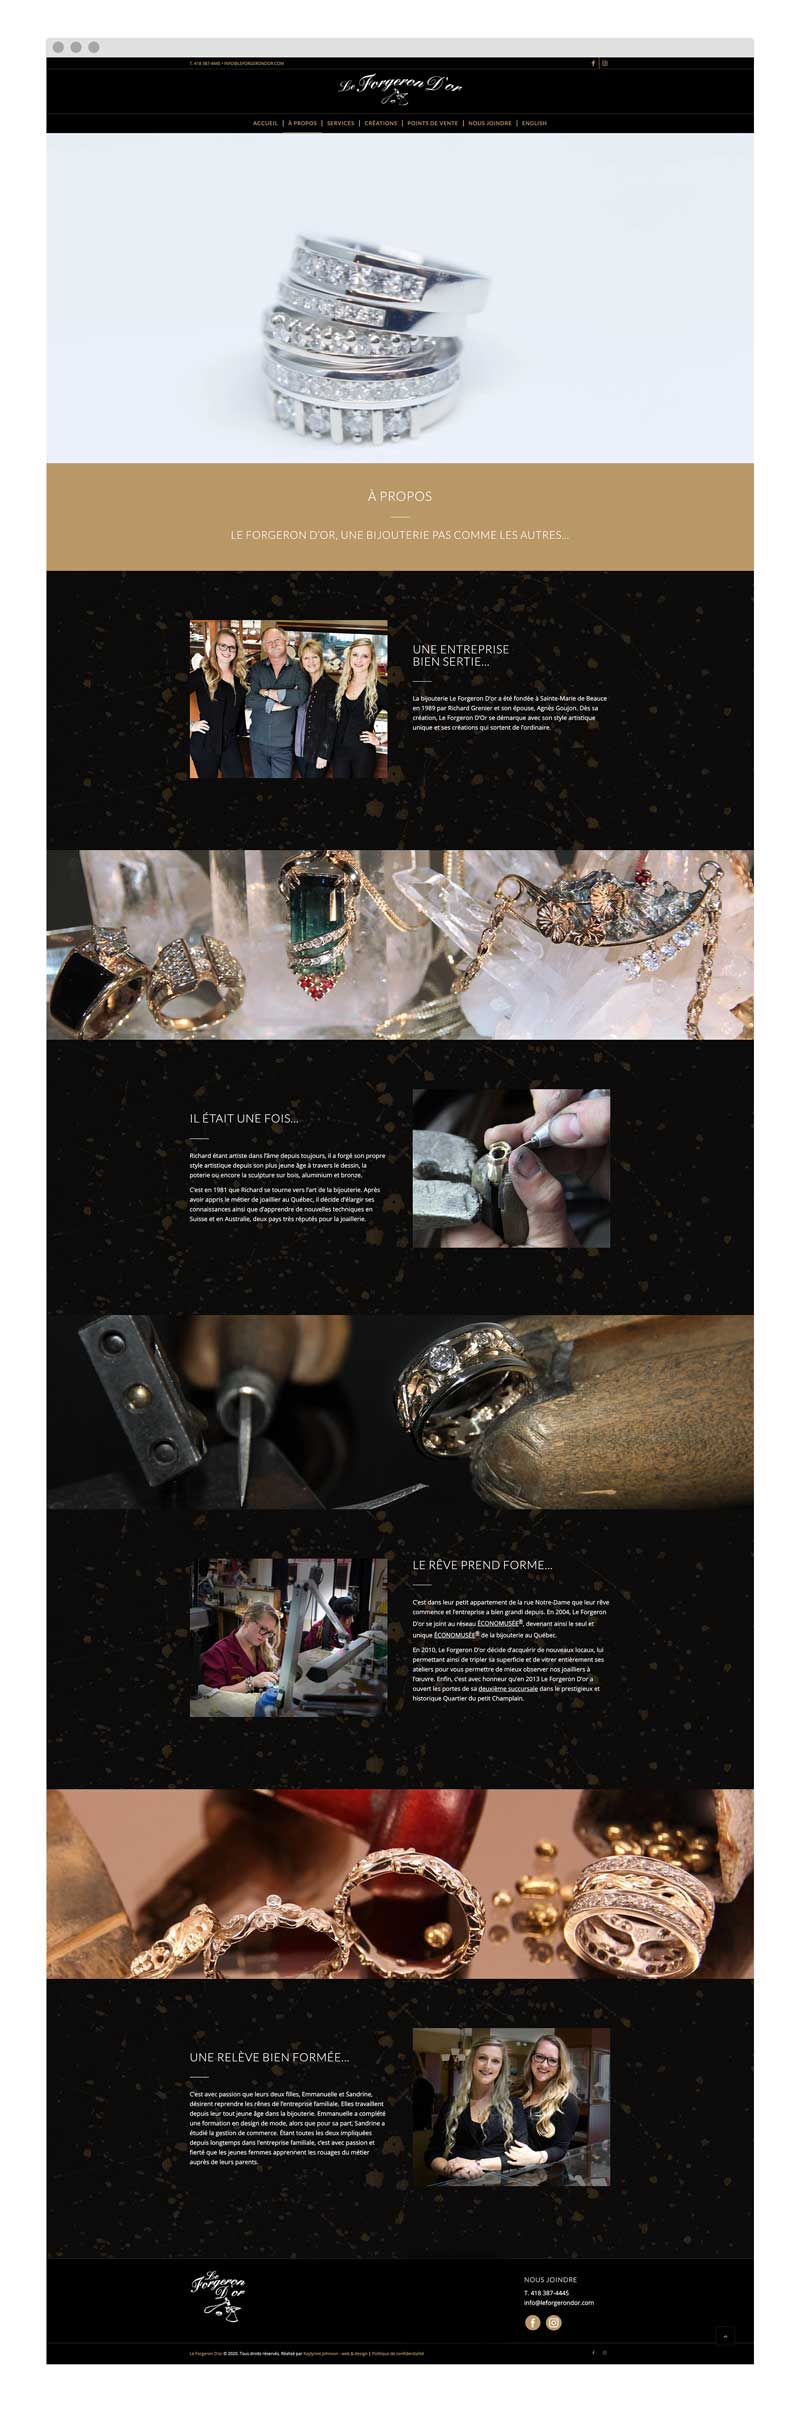 Le Forgeron D'or - Un site web réalisé par Kaylynne Johnson